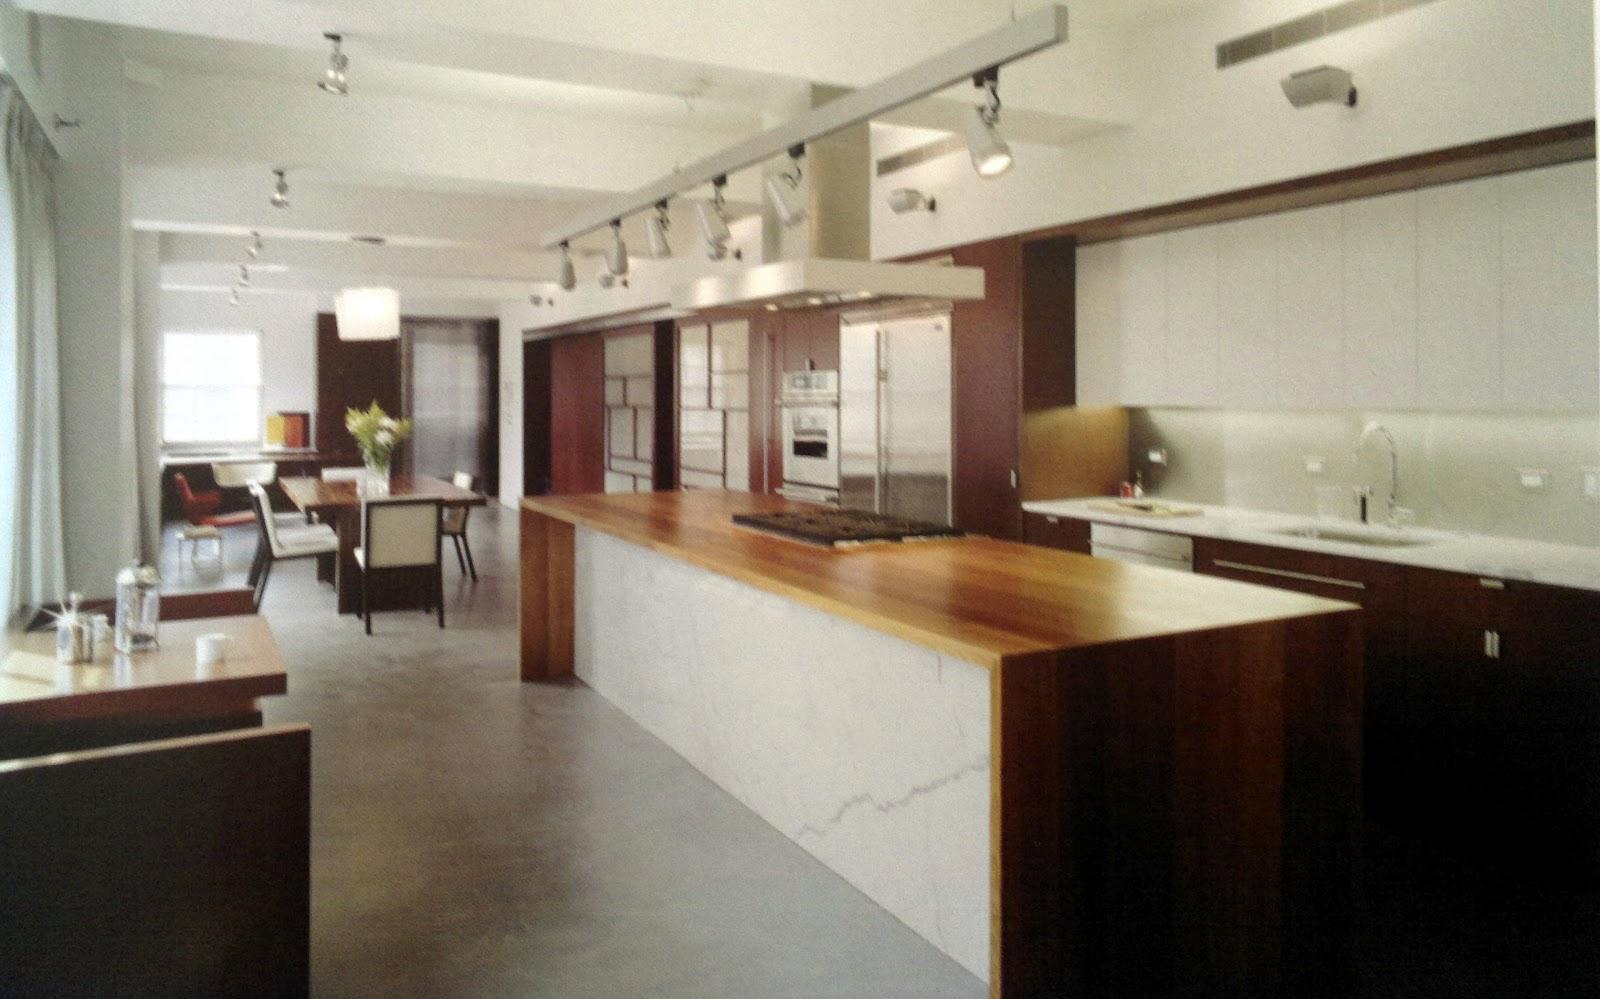 Archi tetti arredare con il feng shui post 2 - Arredare sala con cucina a vista ...